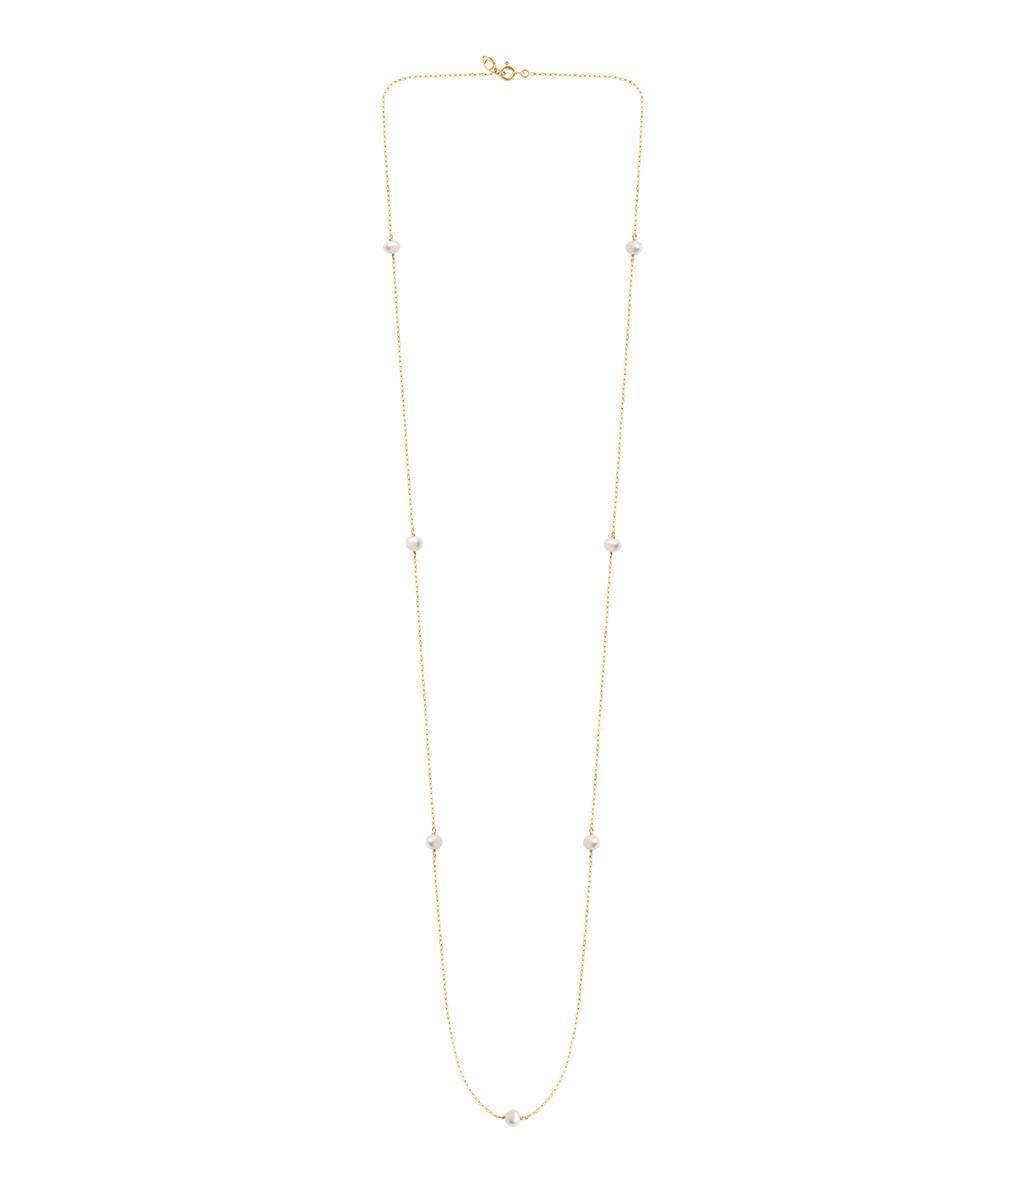 CHARLET - Sautoir Massilia Perles d'Eau Douce